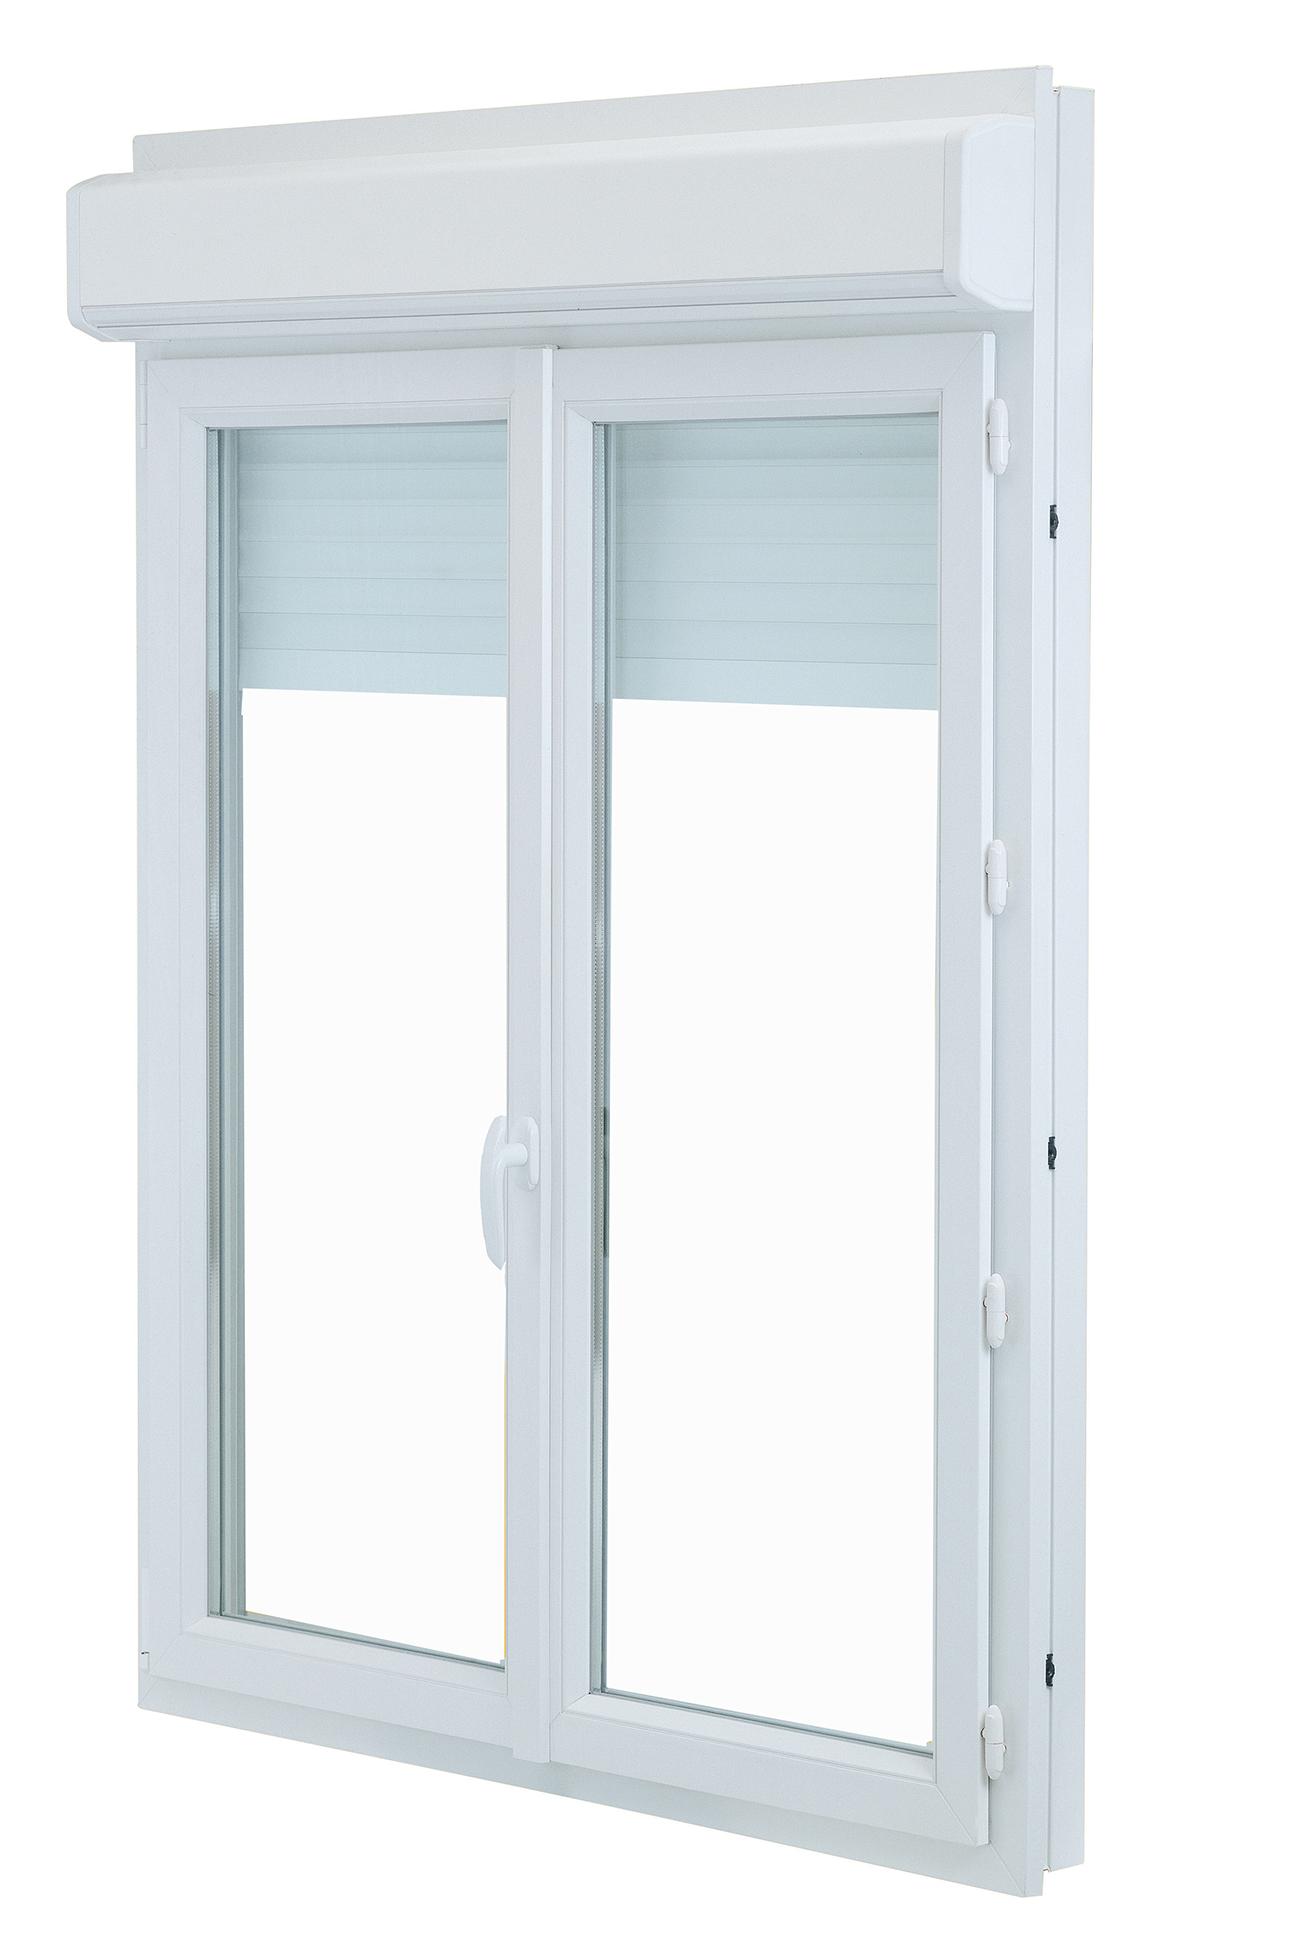 Fenêtre Porte Fenêtre Pvc Clartherm Avec Coffre Volet Intérieur